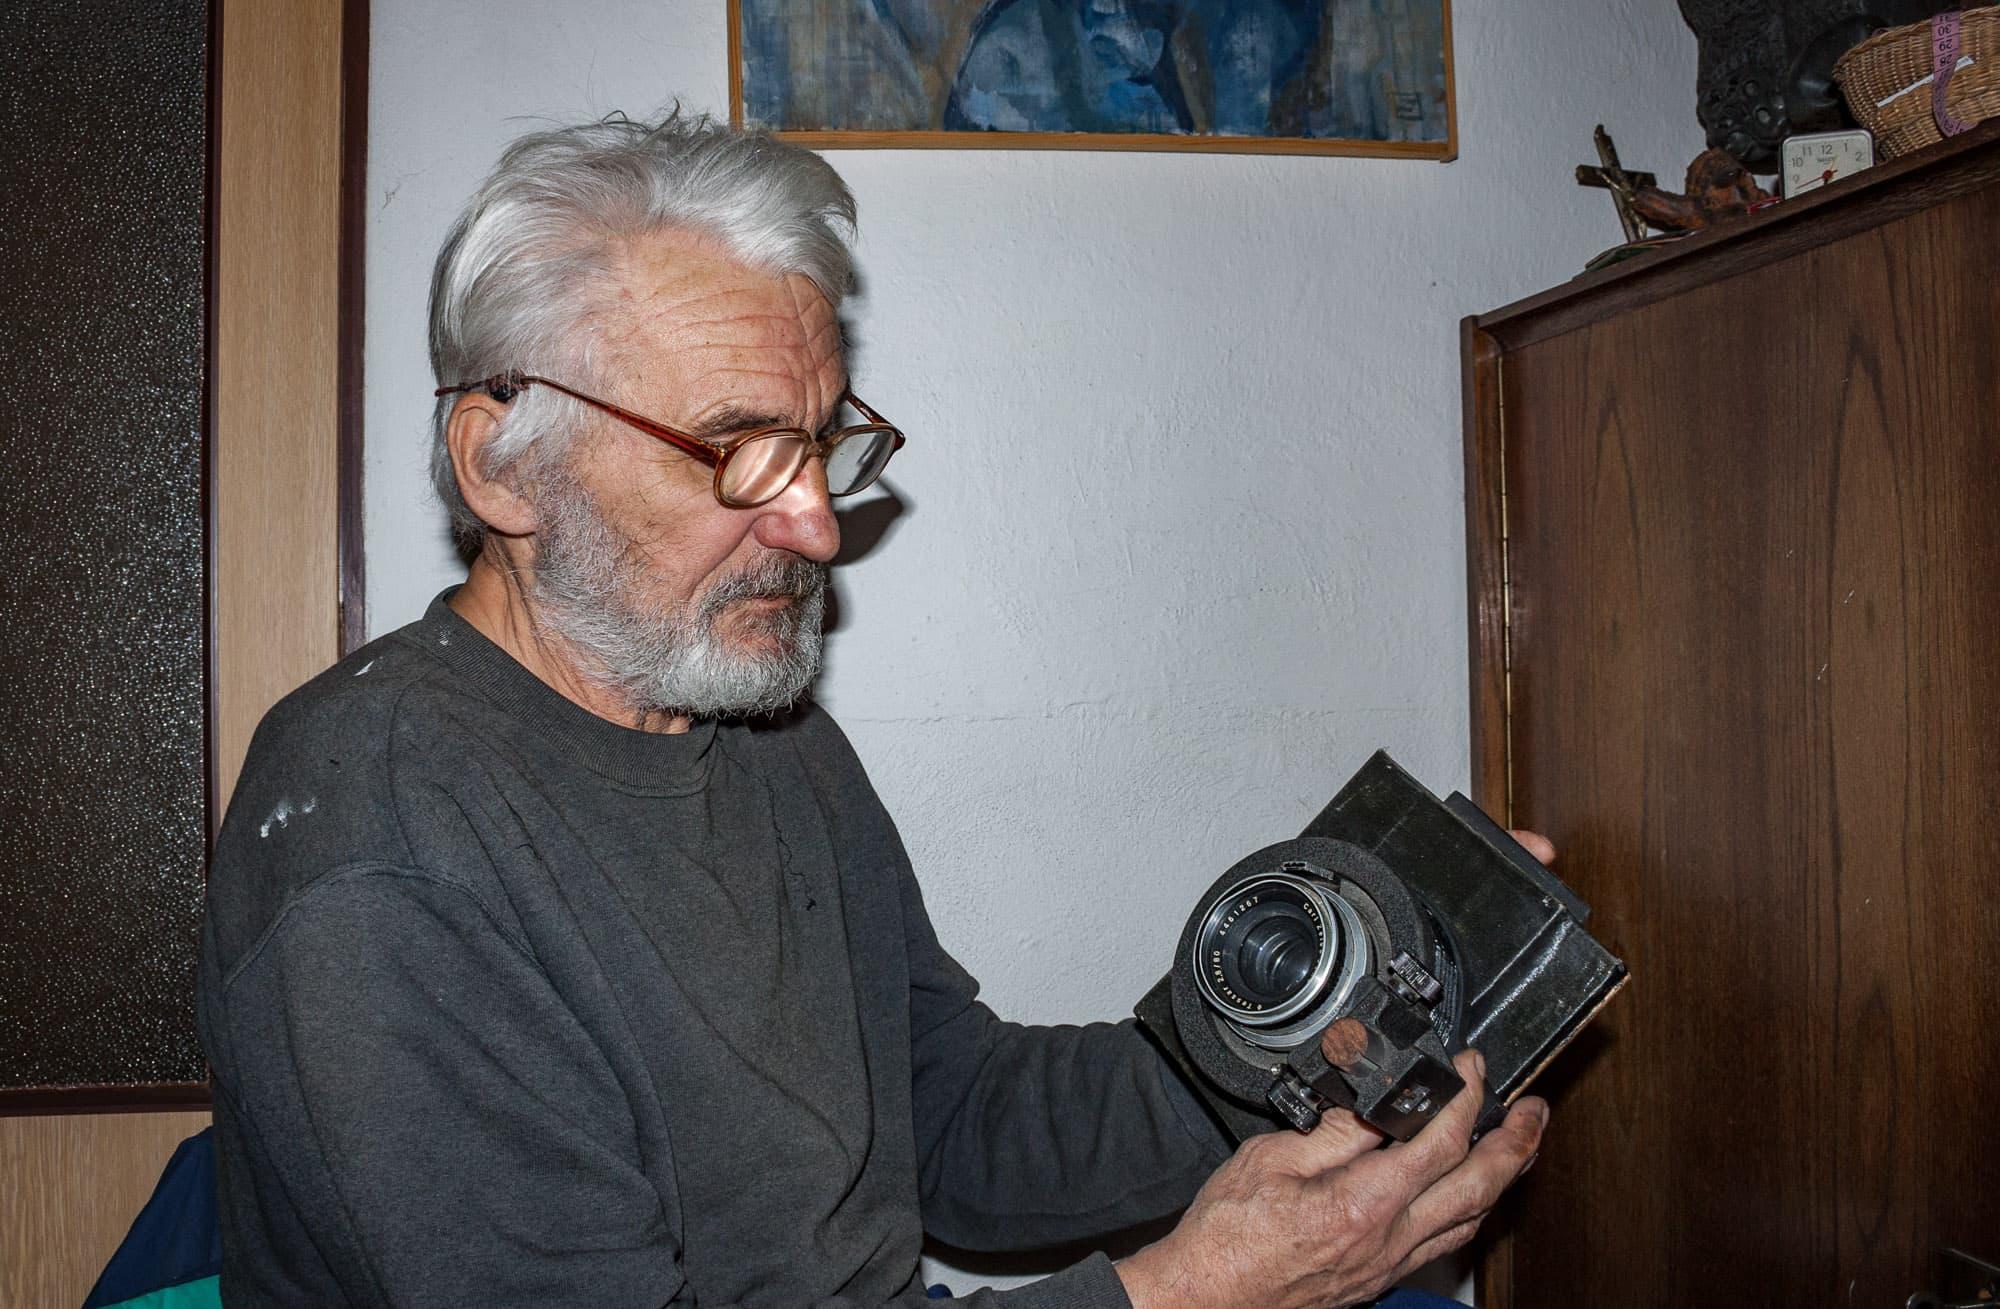 Vlastnoručně vyrobený fotoaparát